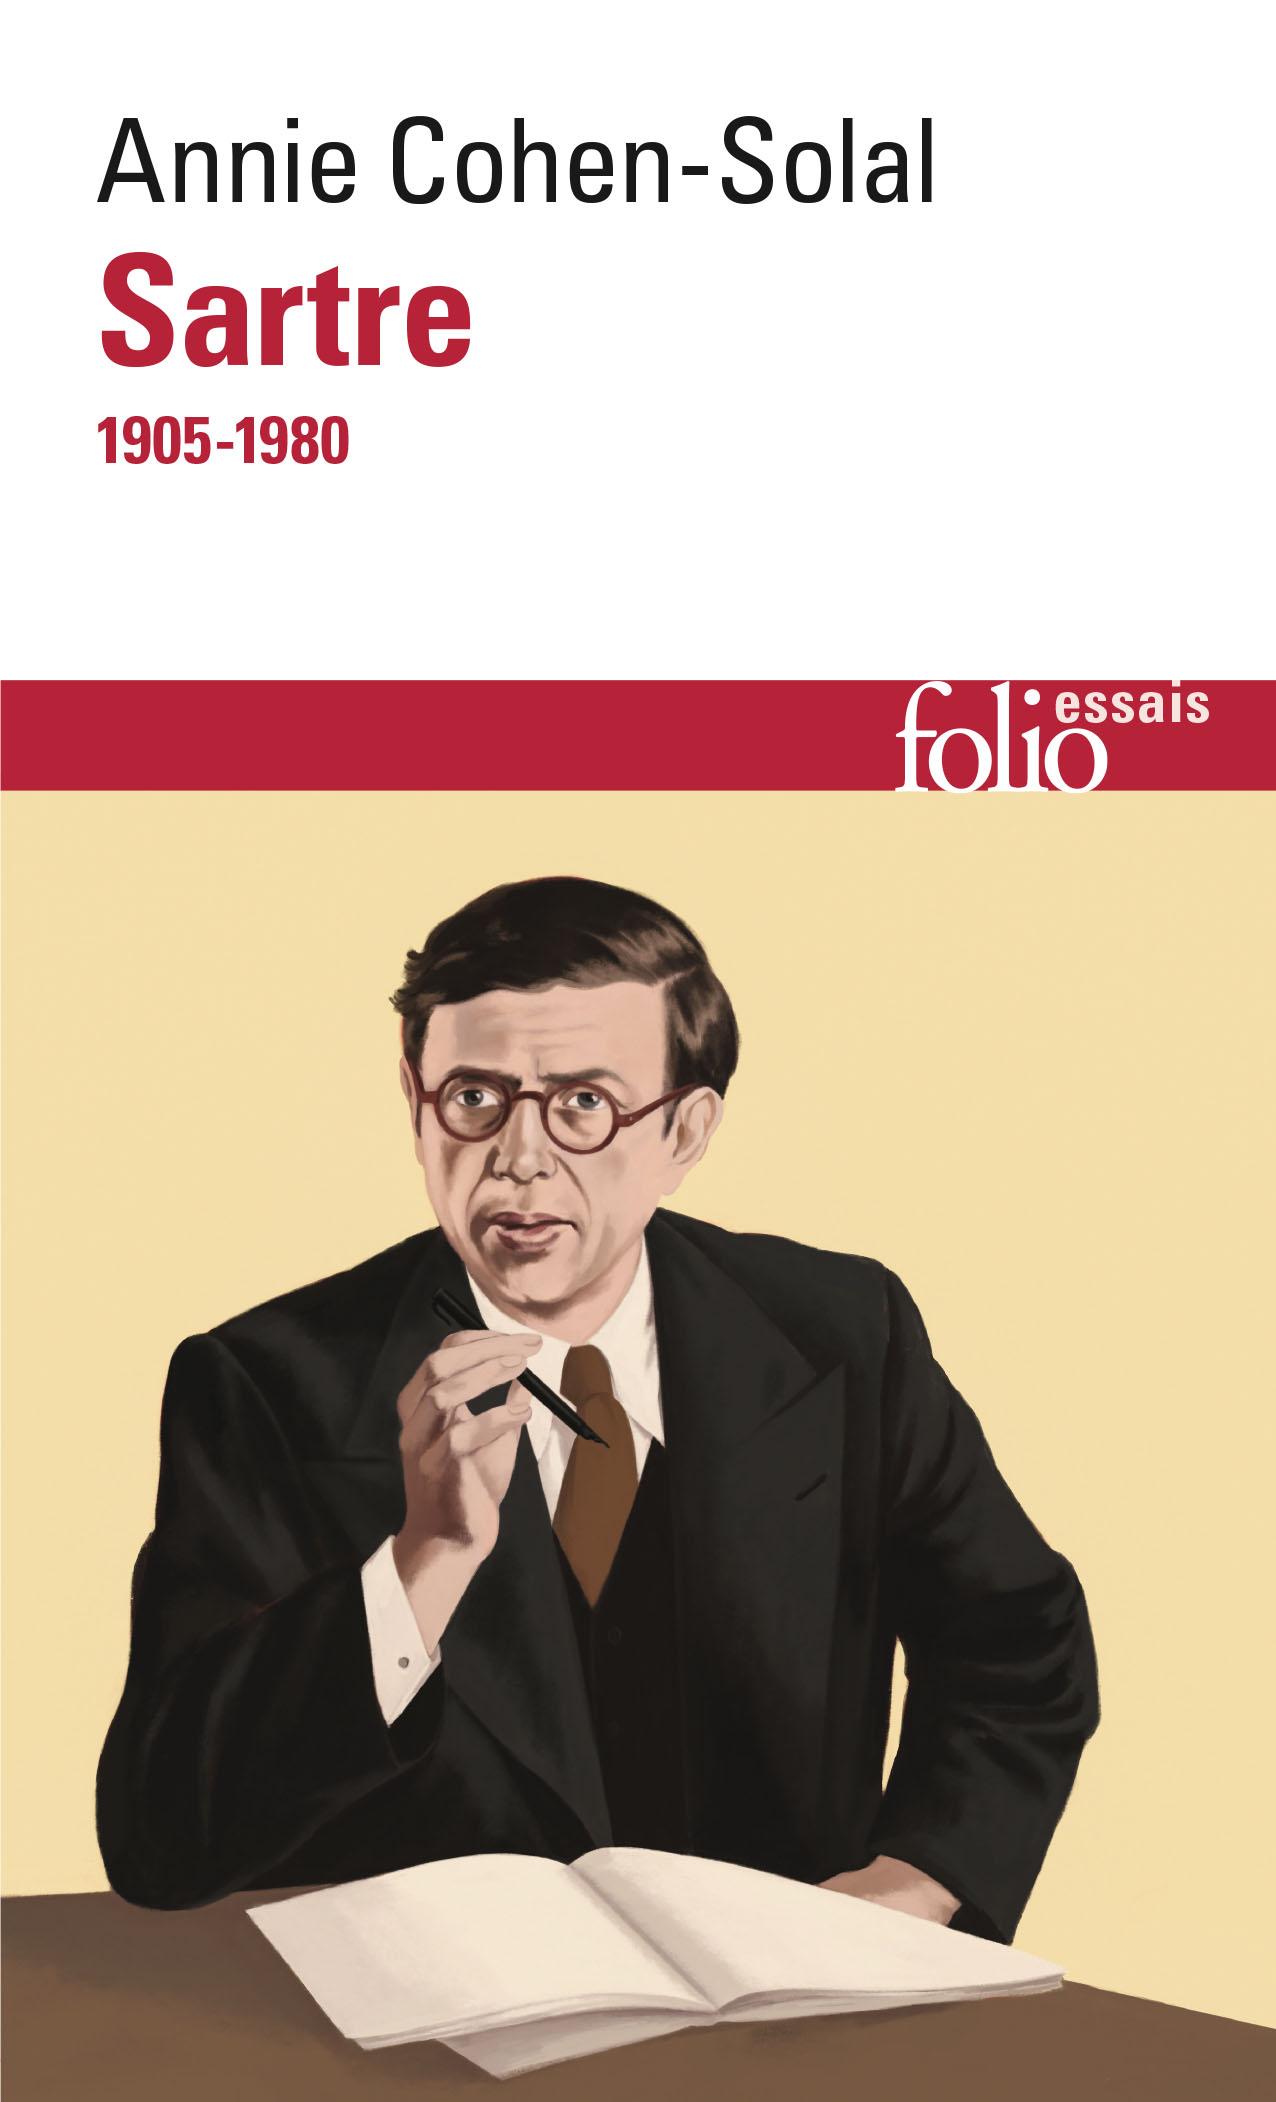 A. Cohen-Solal,Sartre(1905-1980)